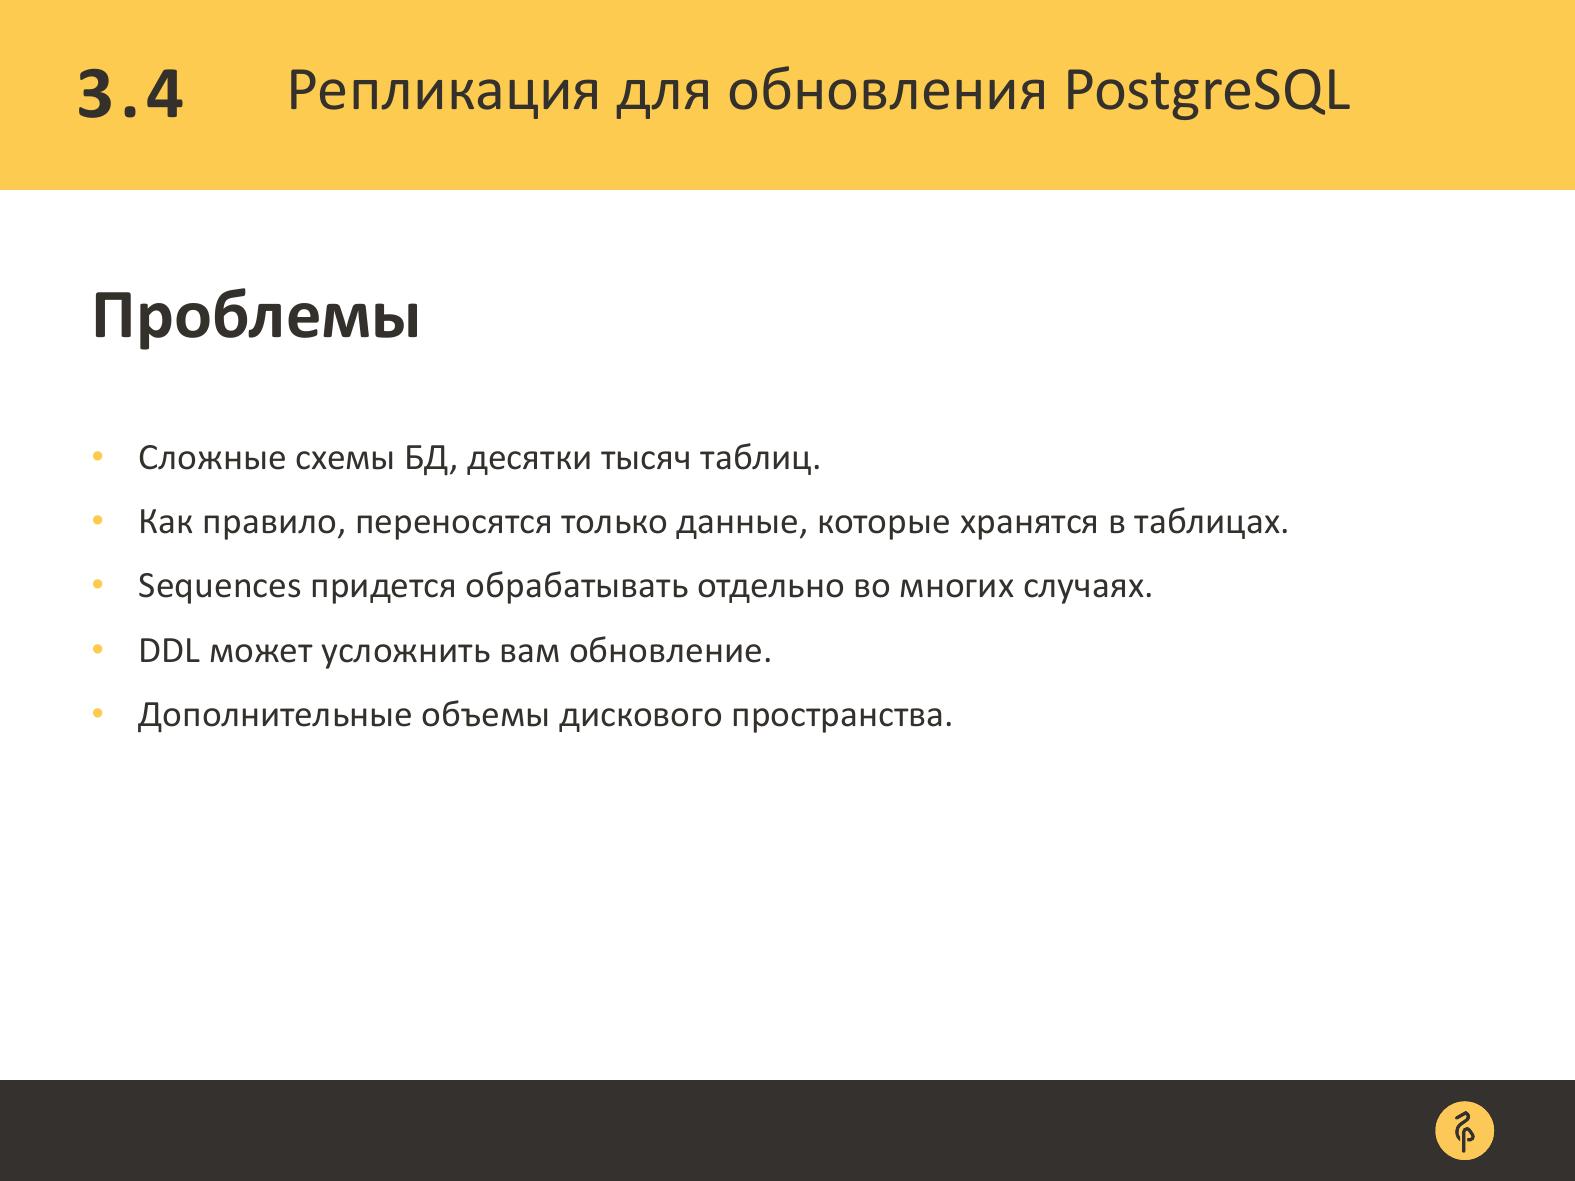 Практика обновления версий PostgreSQL. Андрей Сальников - 26